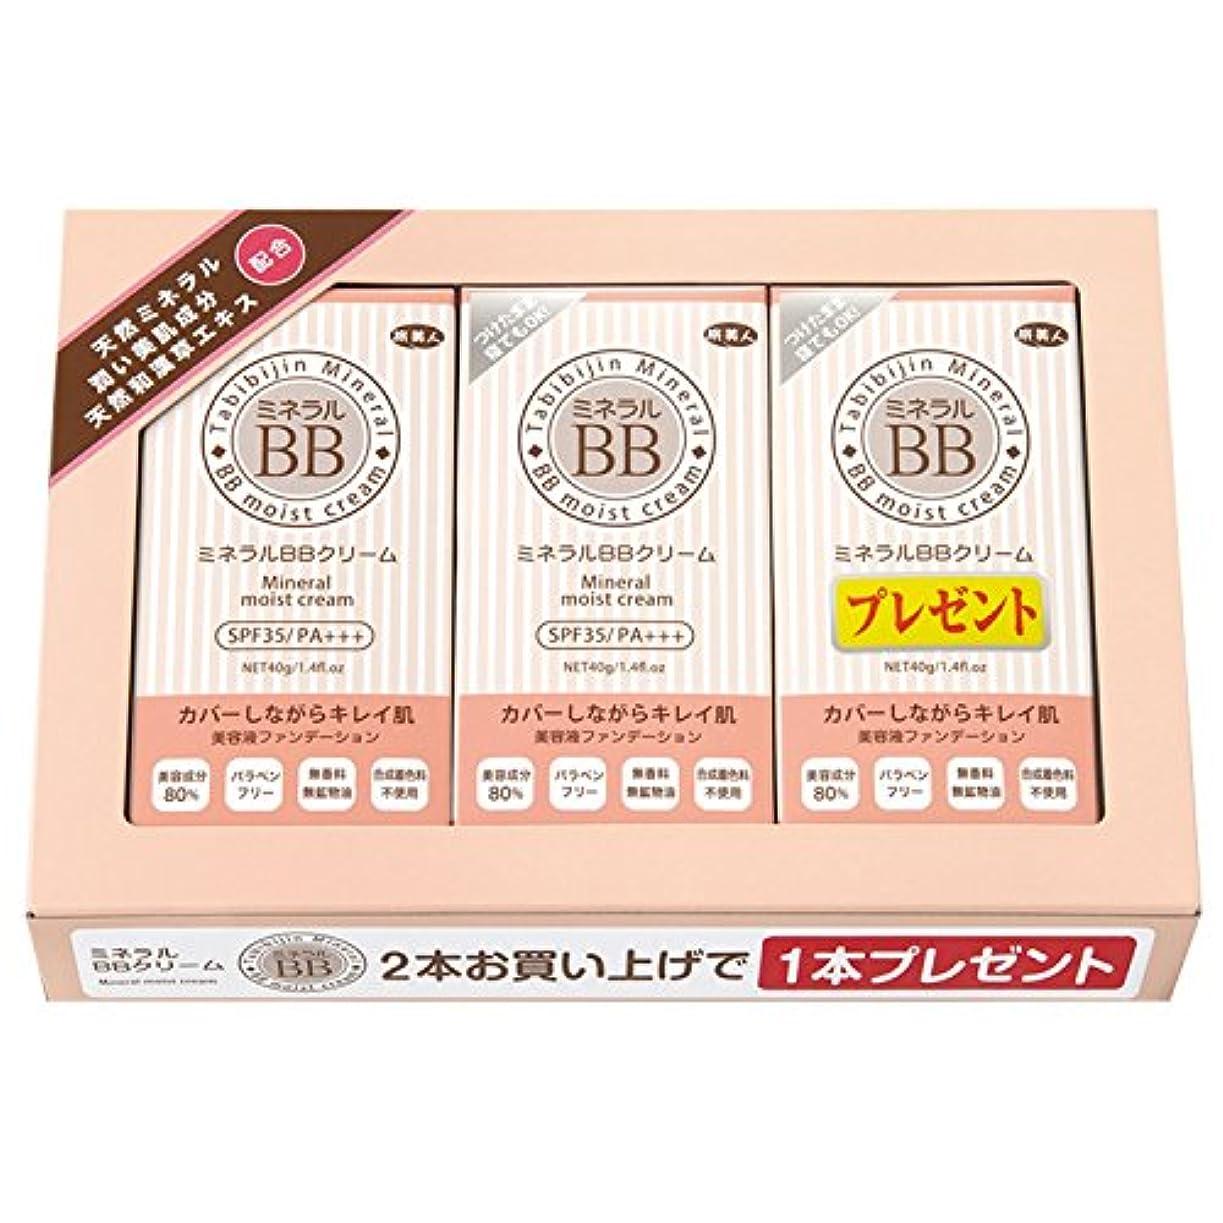 先例ミュウミュウ副アズマ商事の ミネラルBBクリーム お得な 2本のお値段で3本入りセット